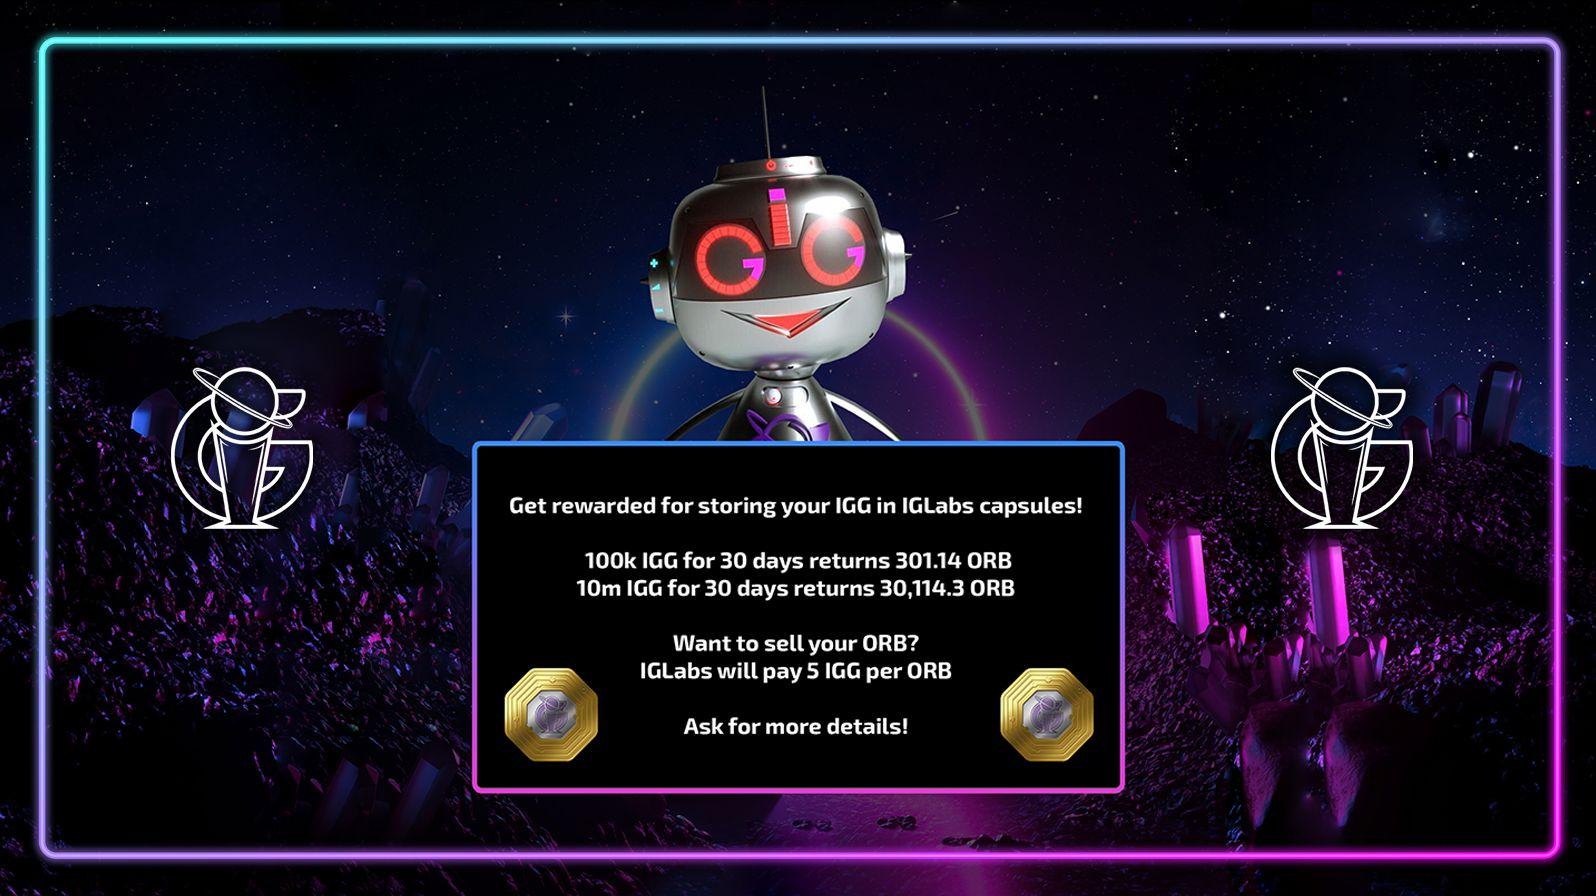 IGLabs will pay 5 IGG per ORB token!